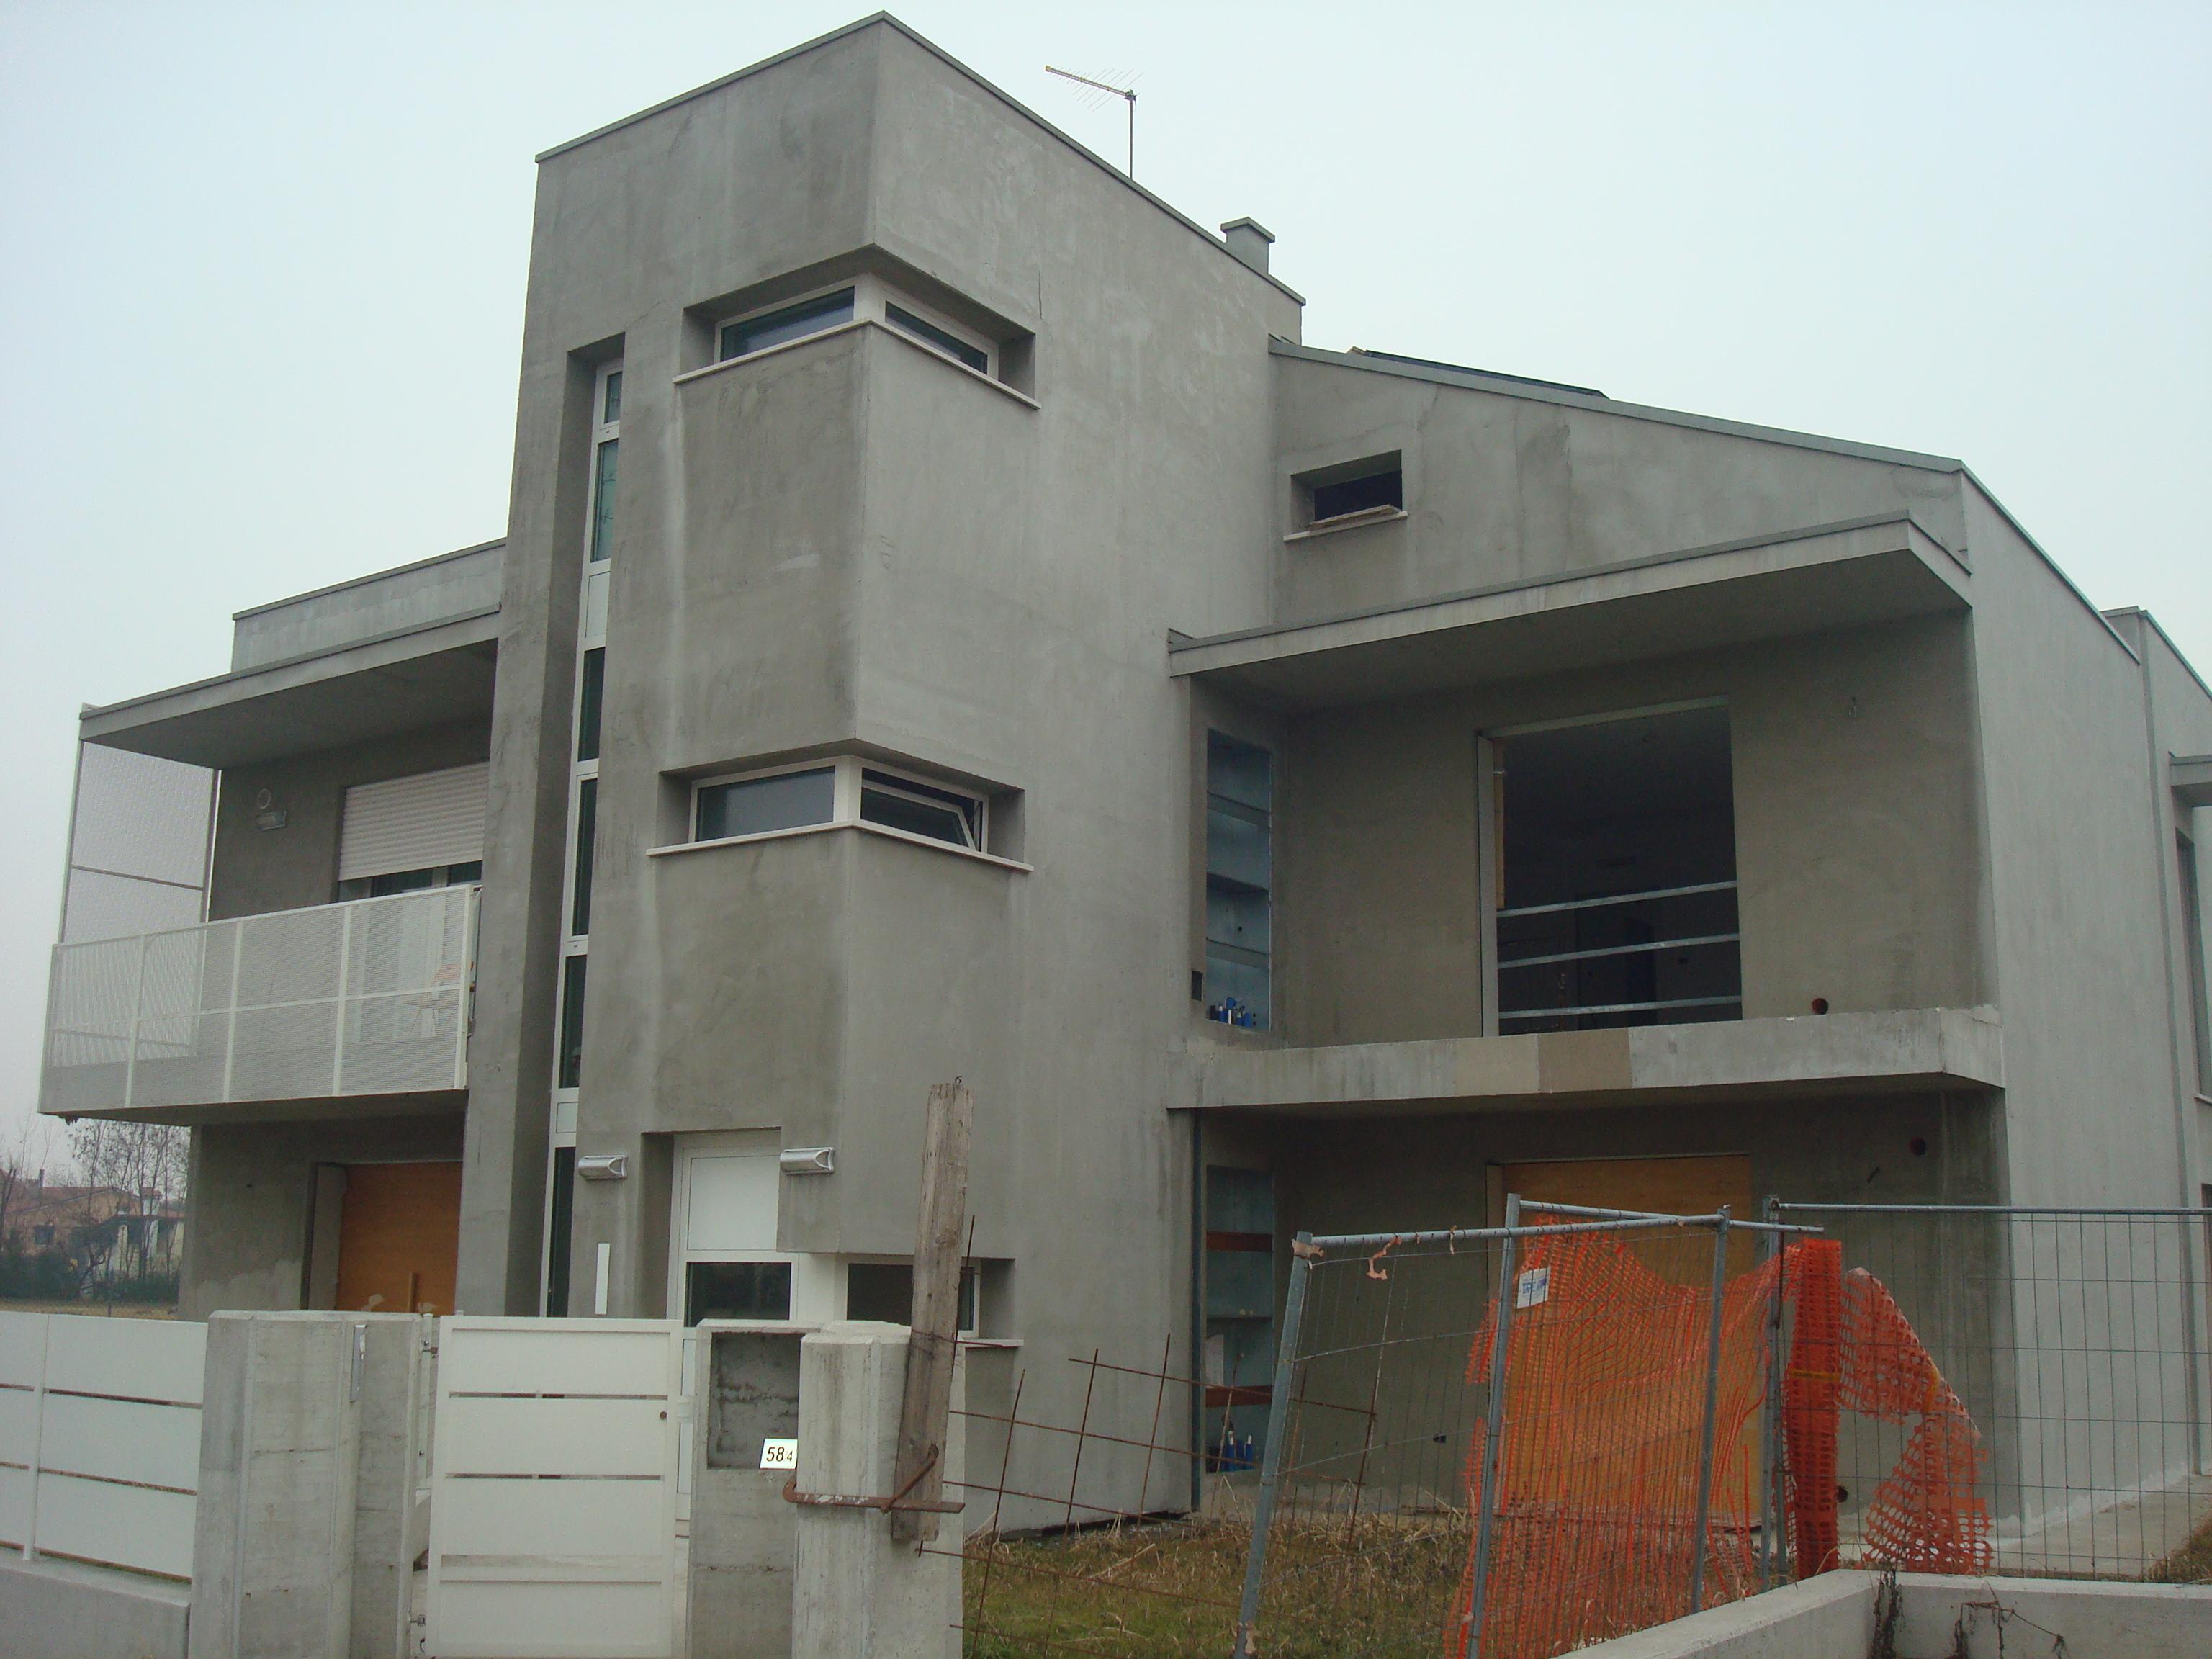 Soluzione immobiliareSoluzione immobiliare